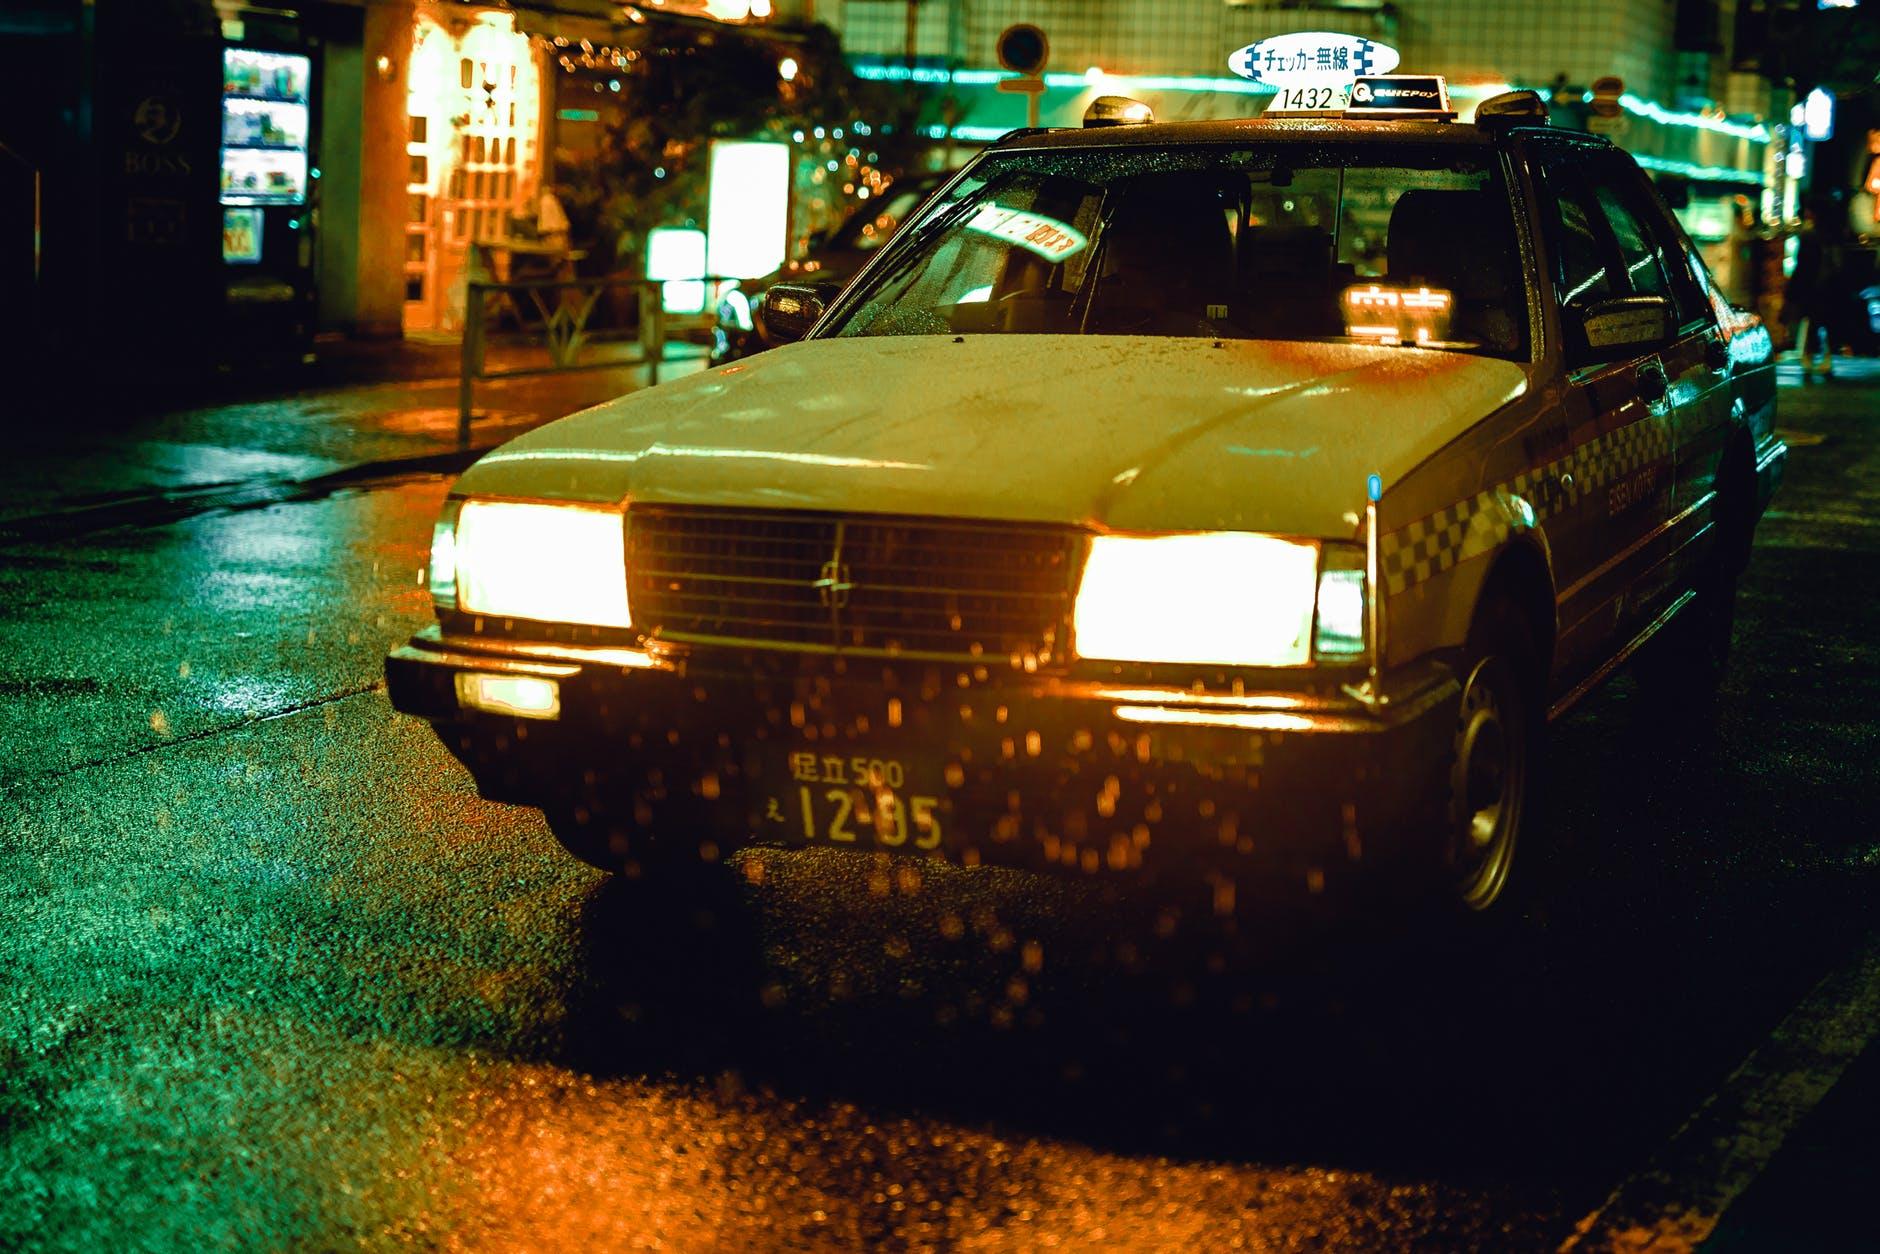 white sedan during nighttime